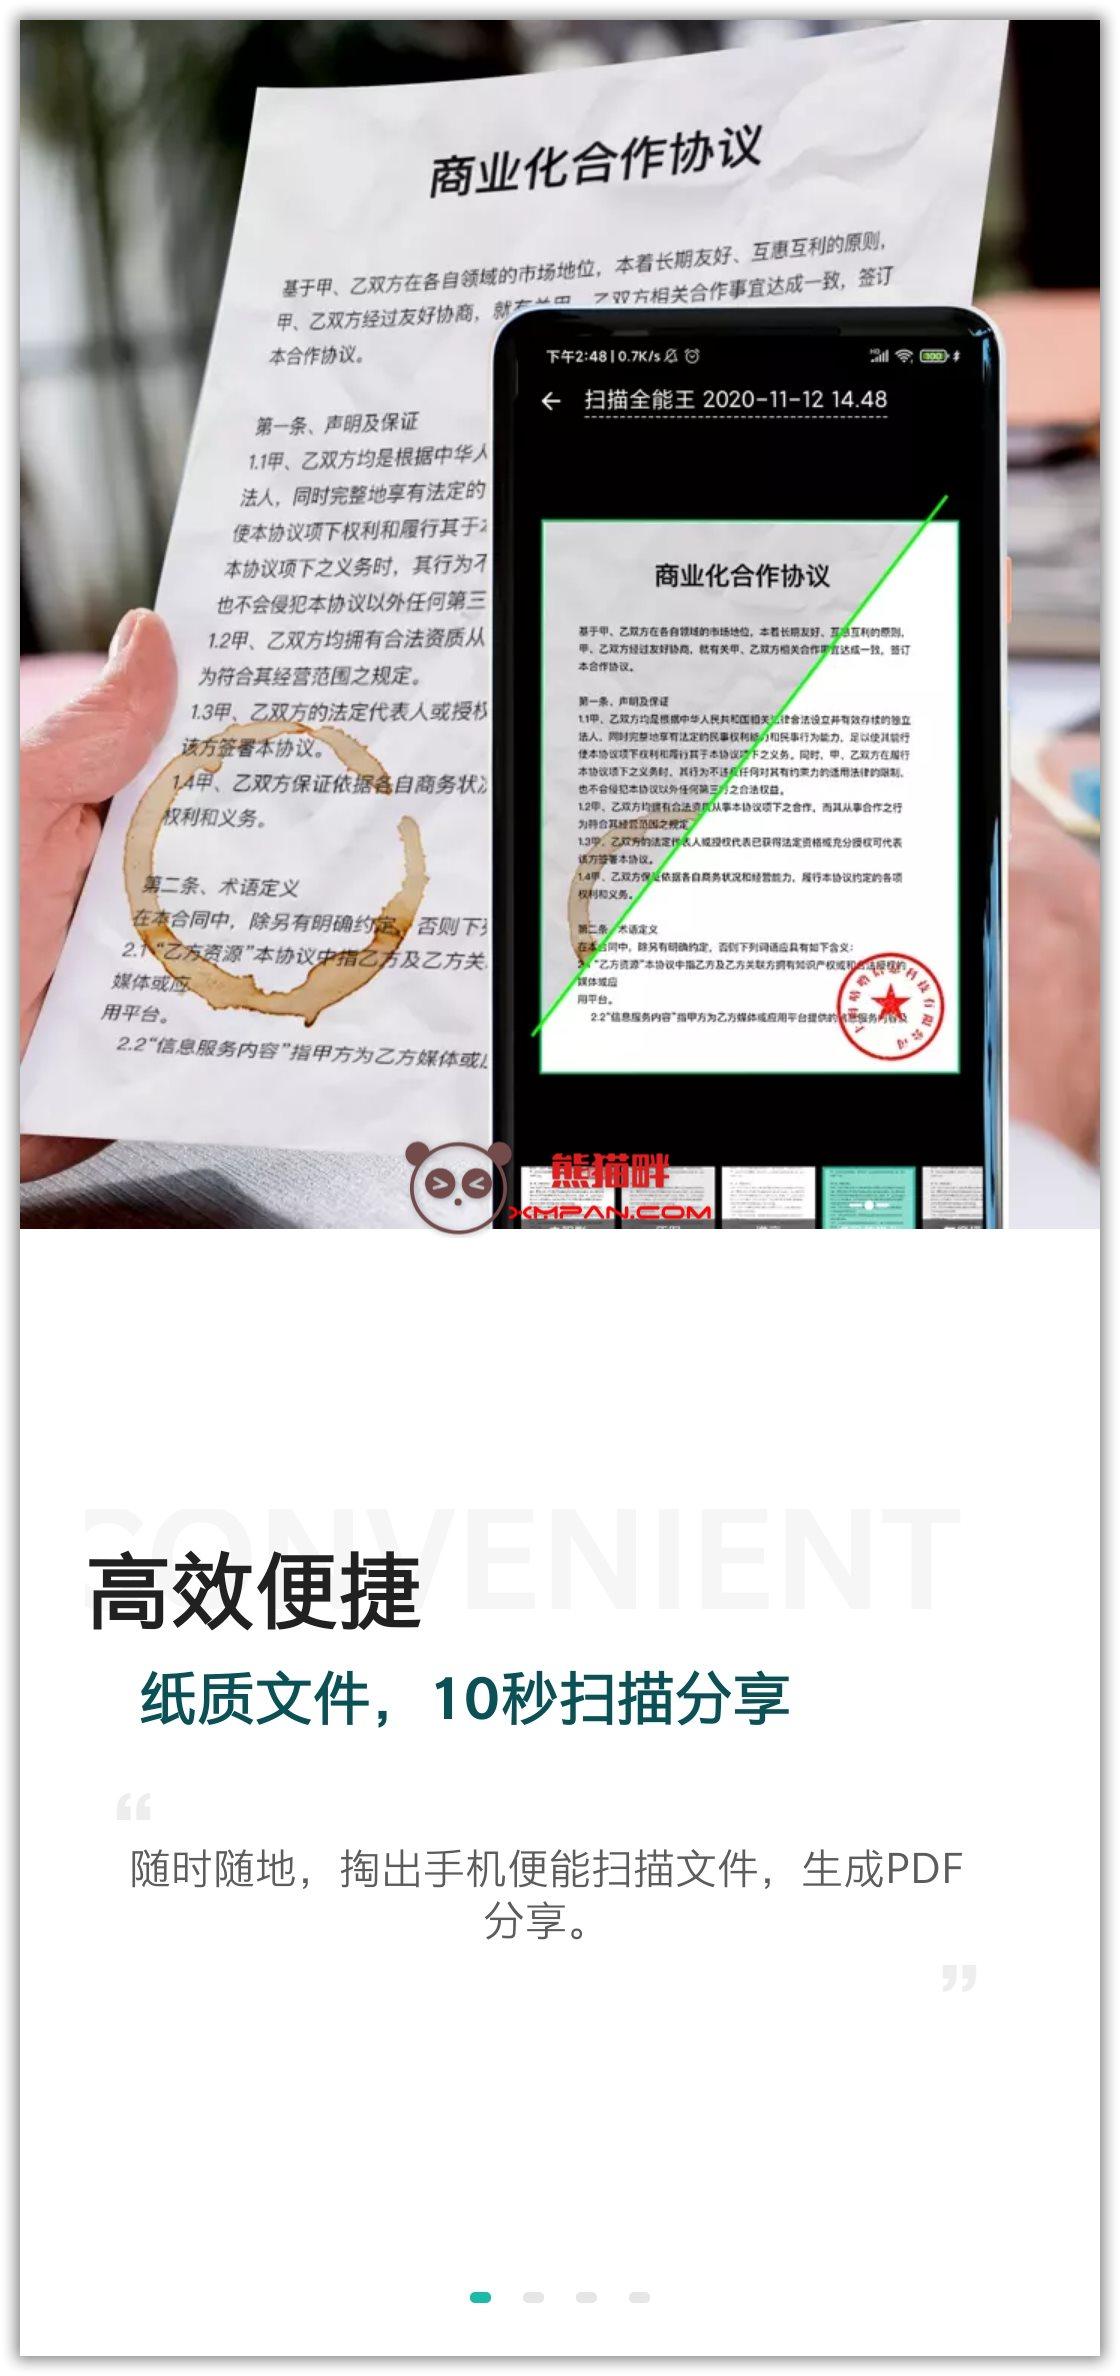 Screenshot_20211012-164146.jpg